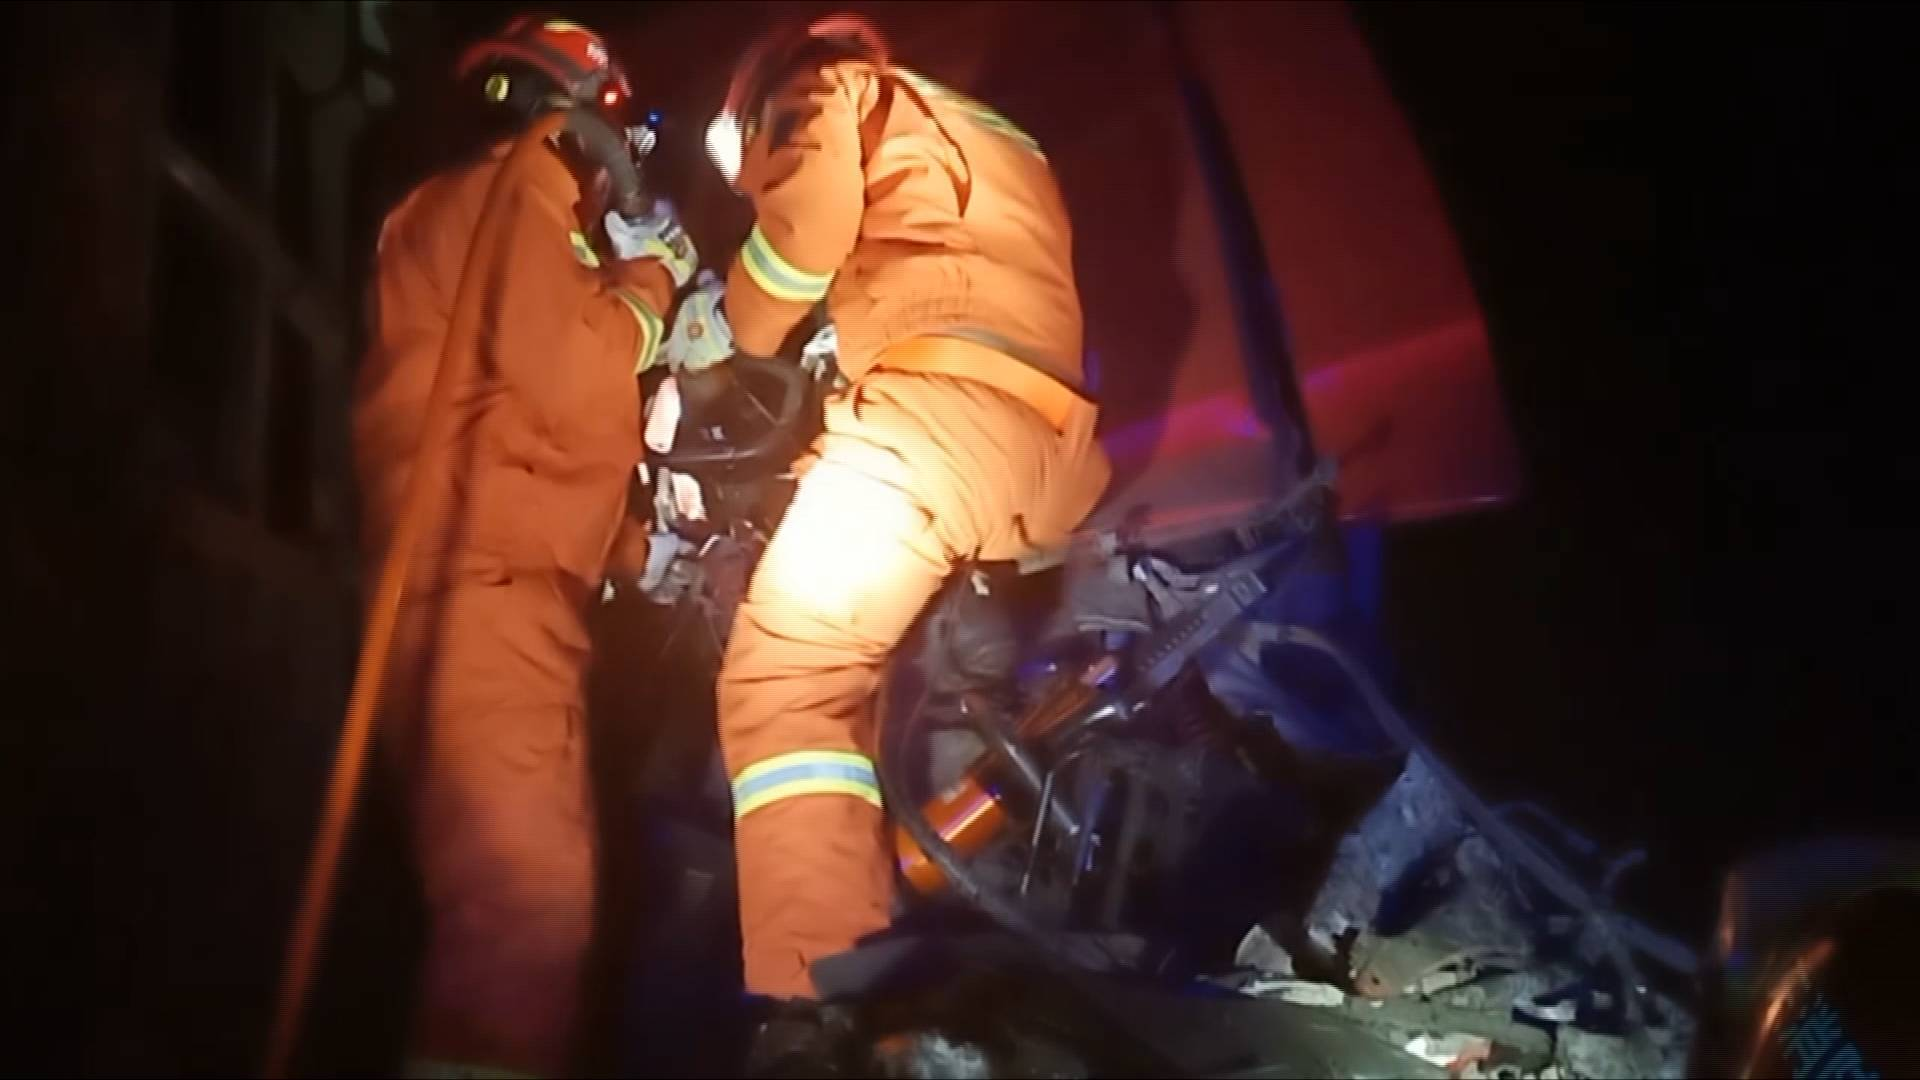 42秒 司机行车途中打电话酿车祸1人被困 德州消防紧急救援